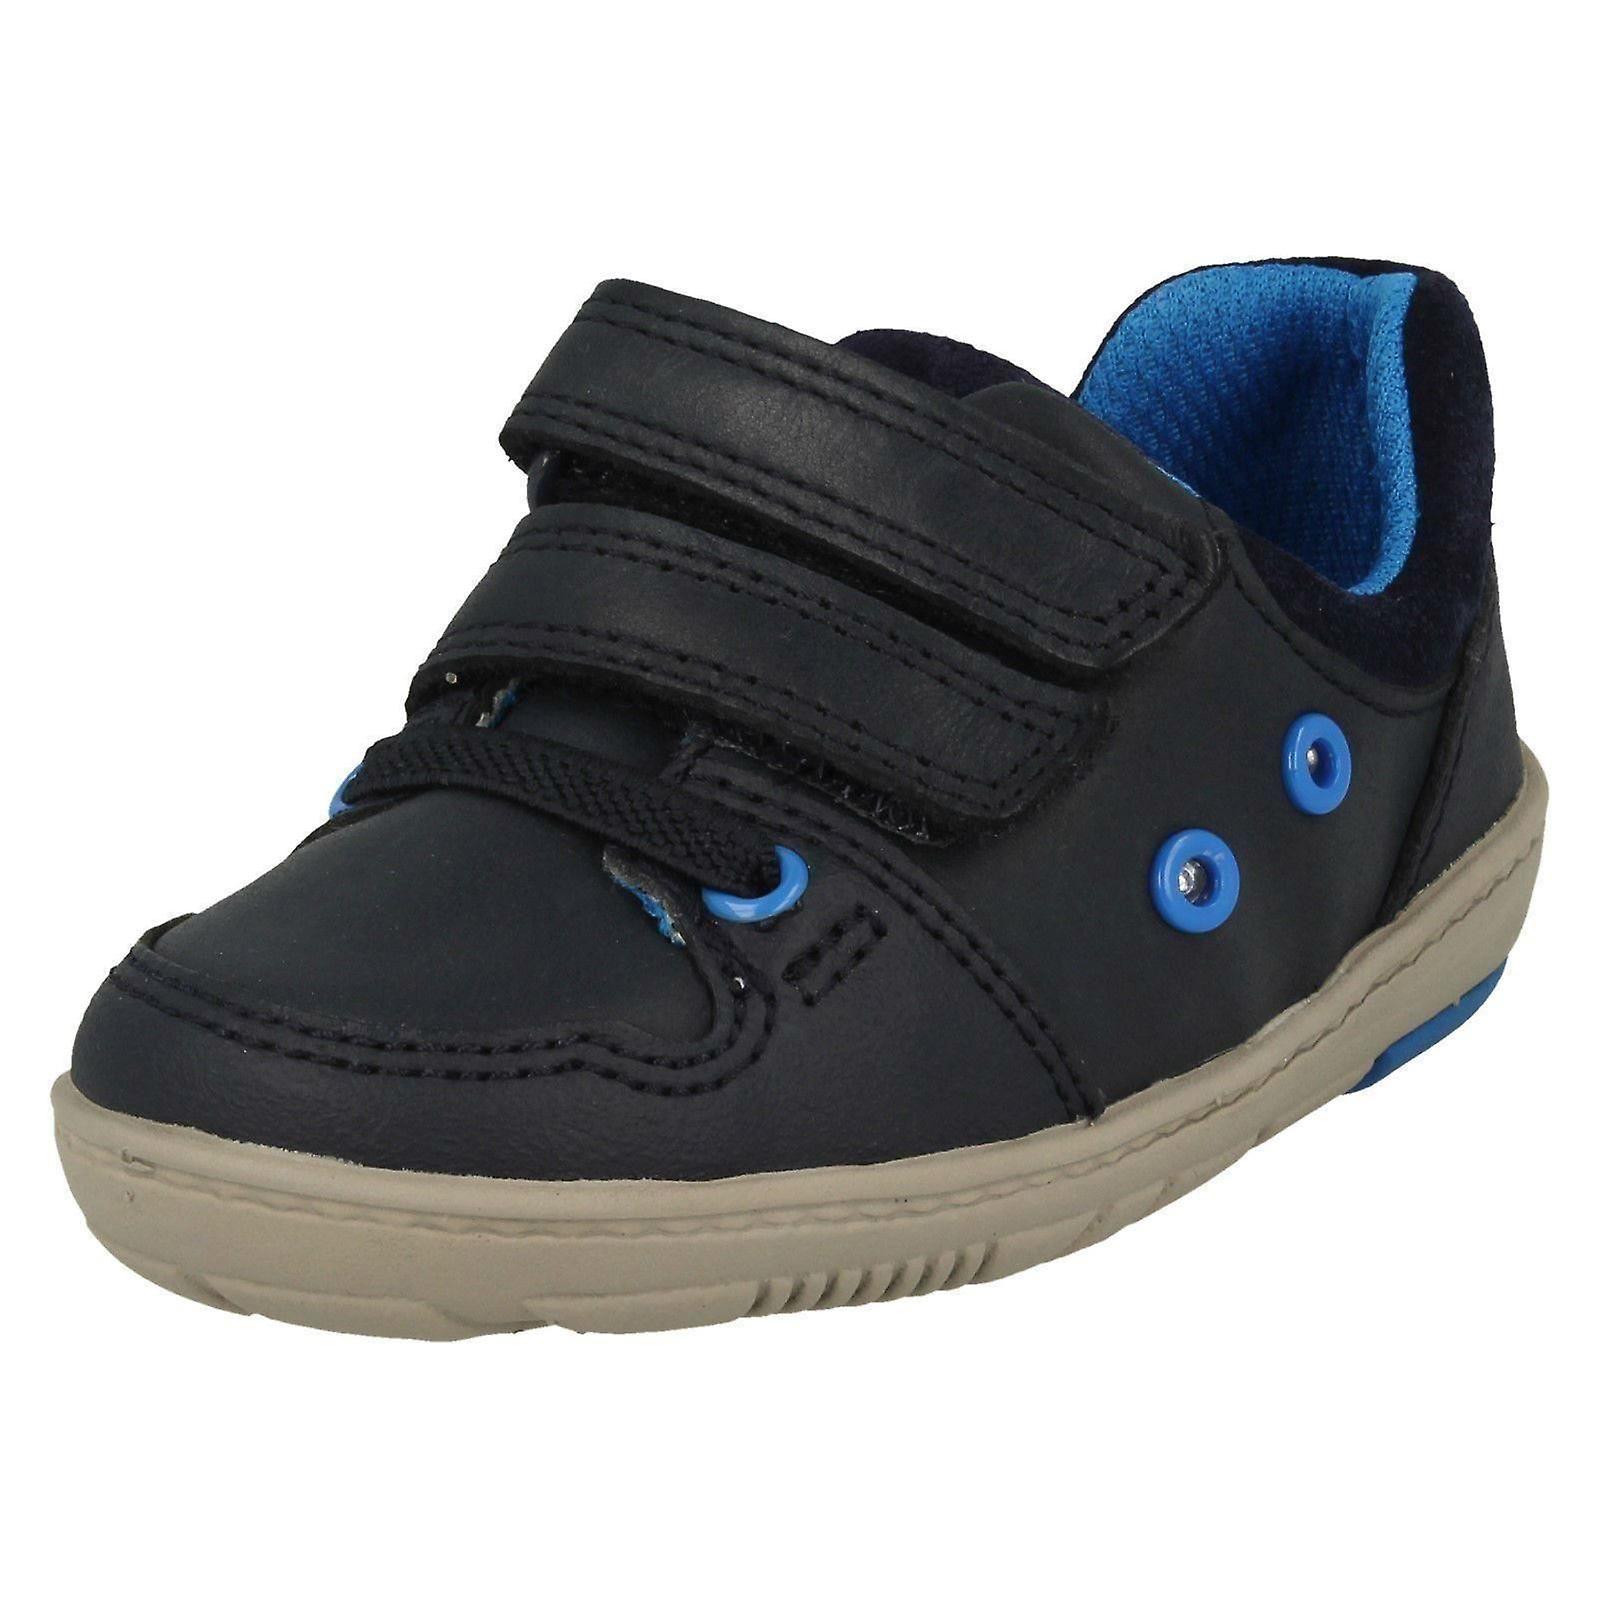 Garçons Clarks chaussures occasionnelles avec lumières Tolby Boo